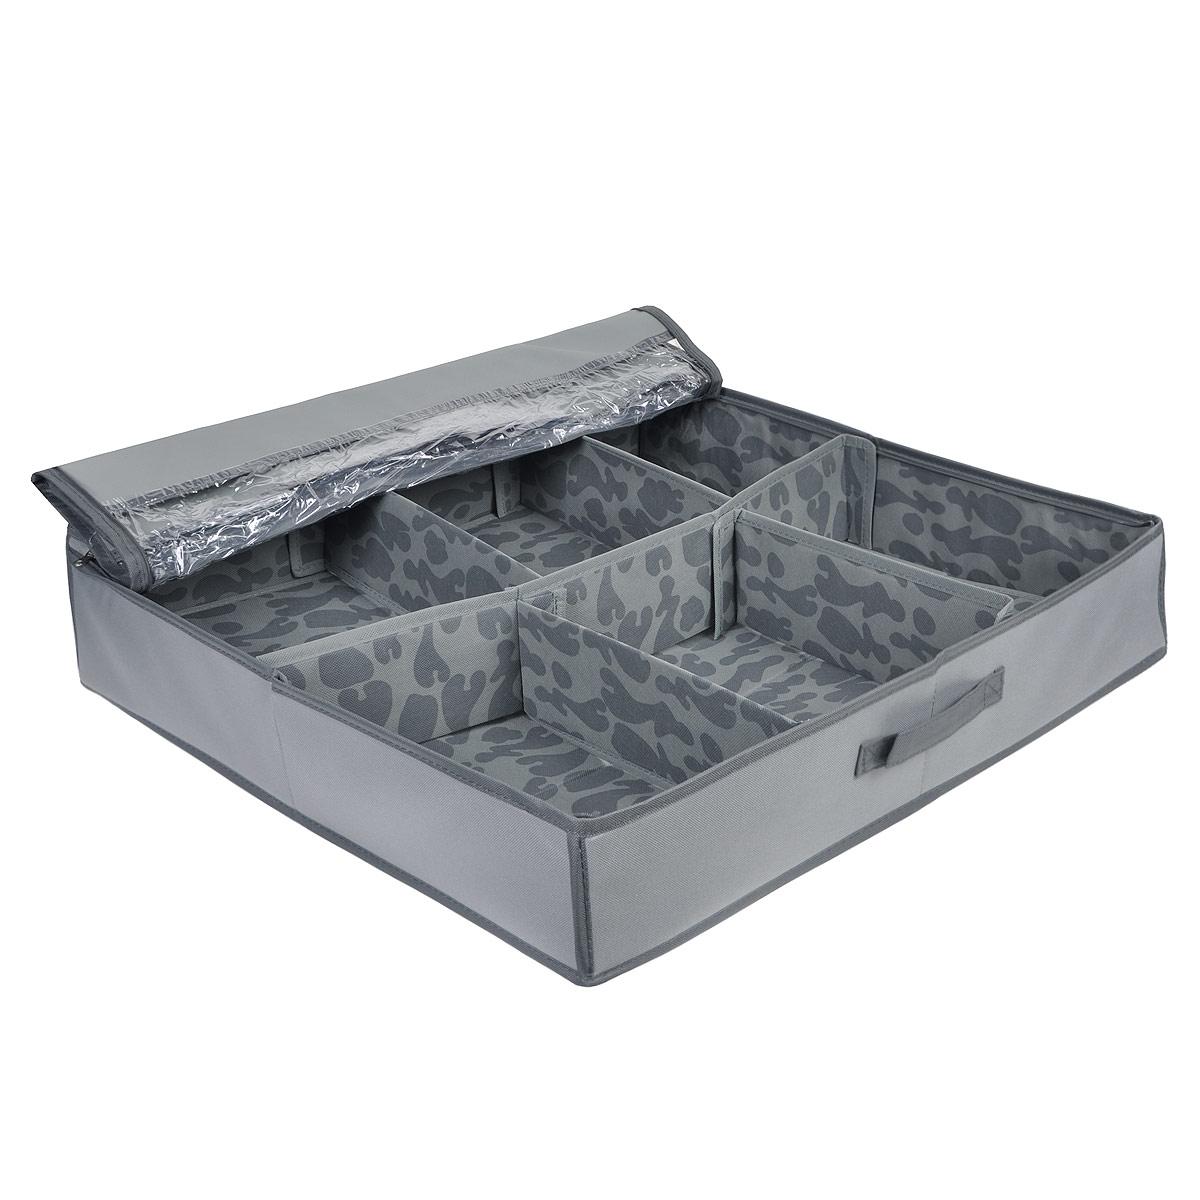 Кофр для хранения FS-6523P, цвет: серый, 60 см х 60 см х 13 смFS-6523PКофр для хранения FS-6523P изготовлен из высококачественного нетканого материала, который позволяет сохранять естественную вентиляцию, а воздуху свободно проникать внутрь, не пропуская пыль. Материал легок, удобен и не образует складок. Благодаря специальным вставкам, кофр прекрасно держит форму, а эстетичный дизайн гармонично смотрится в любом интерьере. Кофр имеет одну большую секцию для хранения вещей, закрывающуюся на молнию с двумя бегунками. Кофр можно разграничить с помощью съемных стенок на липучках. Такие секции подойдут для хранения белья и других мелких вещей. Крышка оснащена двумя прозрачными вставками.Особая конструкция позволяет при необходимости одним движением сложить или разложить кофр. Изделие оснащено удобной ручкой. Такой кофр сэкономит место и сохранит порядок в доме. Характеристики:Материал: нетканый материал. Цвет: серый. Размер кофра (ДхШхВ): 60 см х 60 см х 13 см.